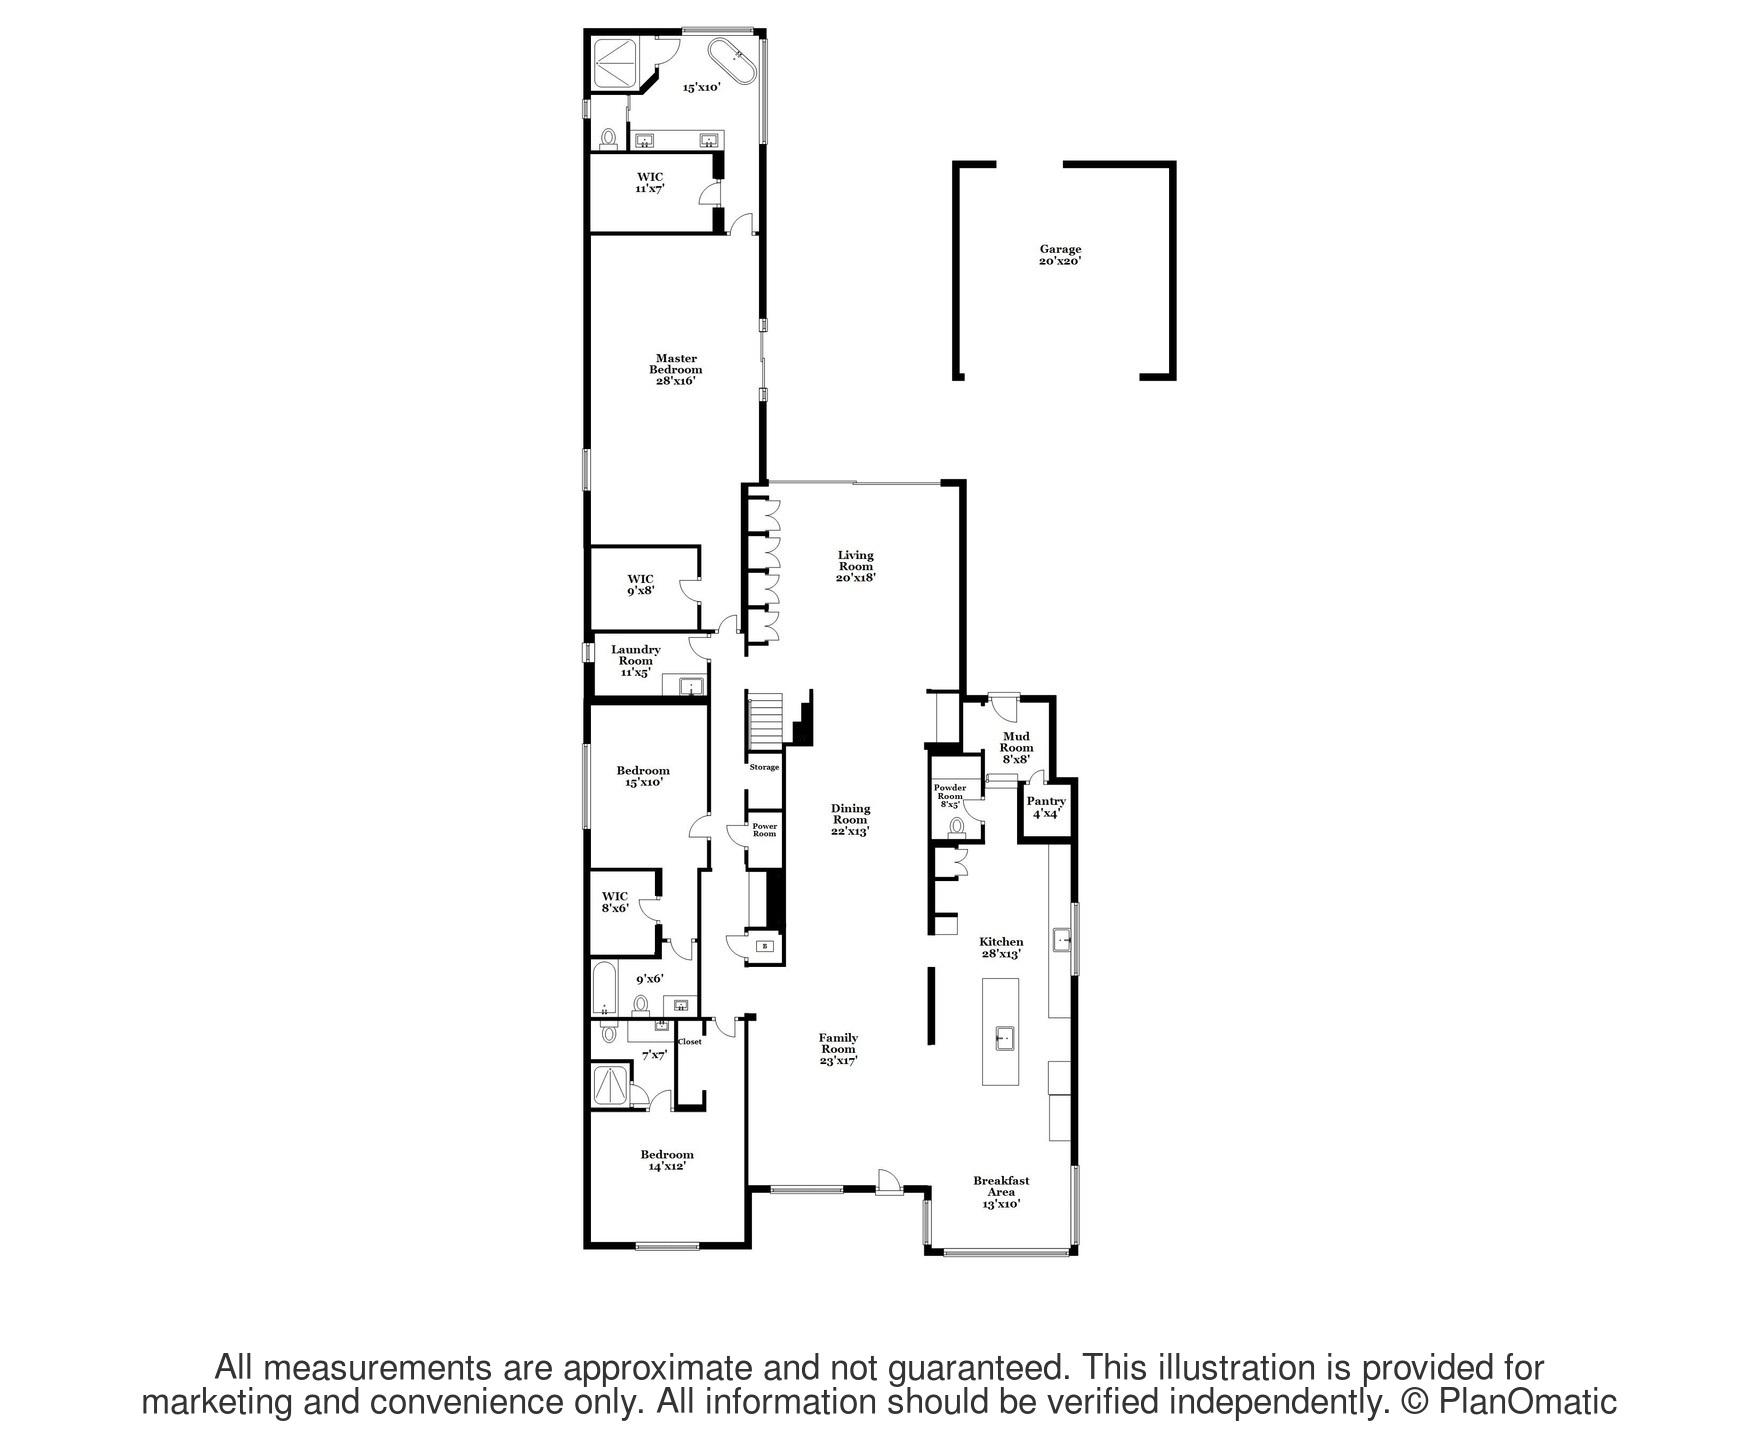 2721-Club-Drive-Los-Angeles-CA-90064-Plans-1erNiveau-From-Paris-To-LA-Real-Estate-Services